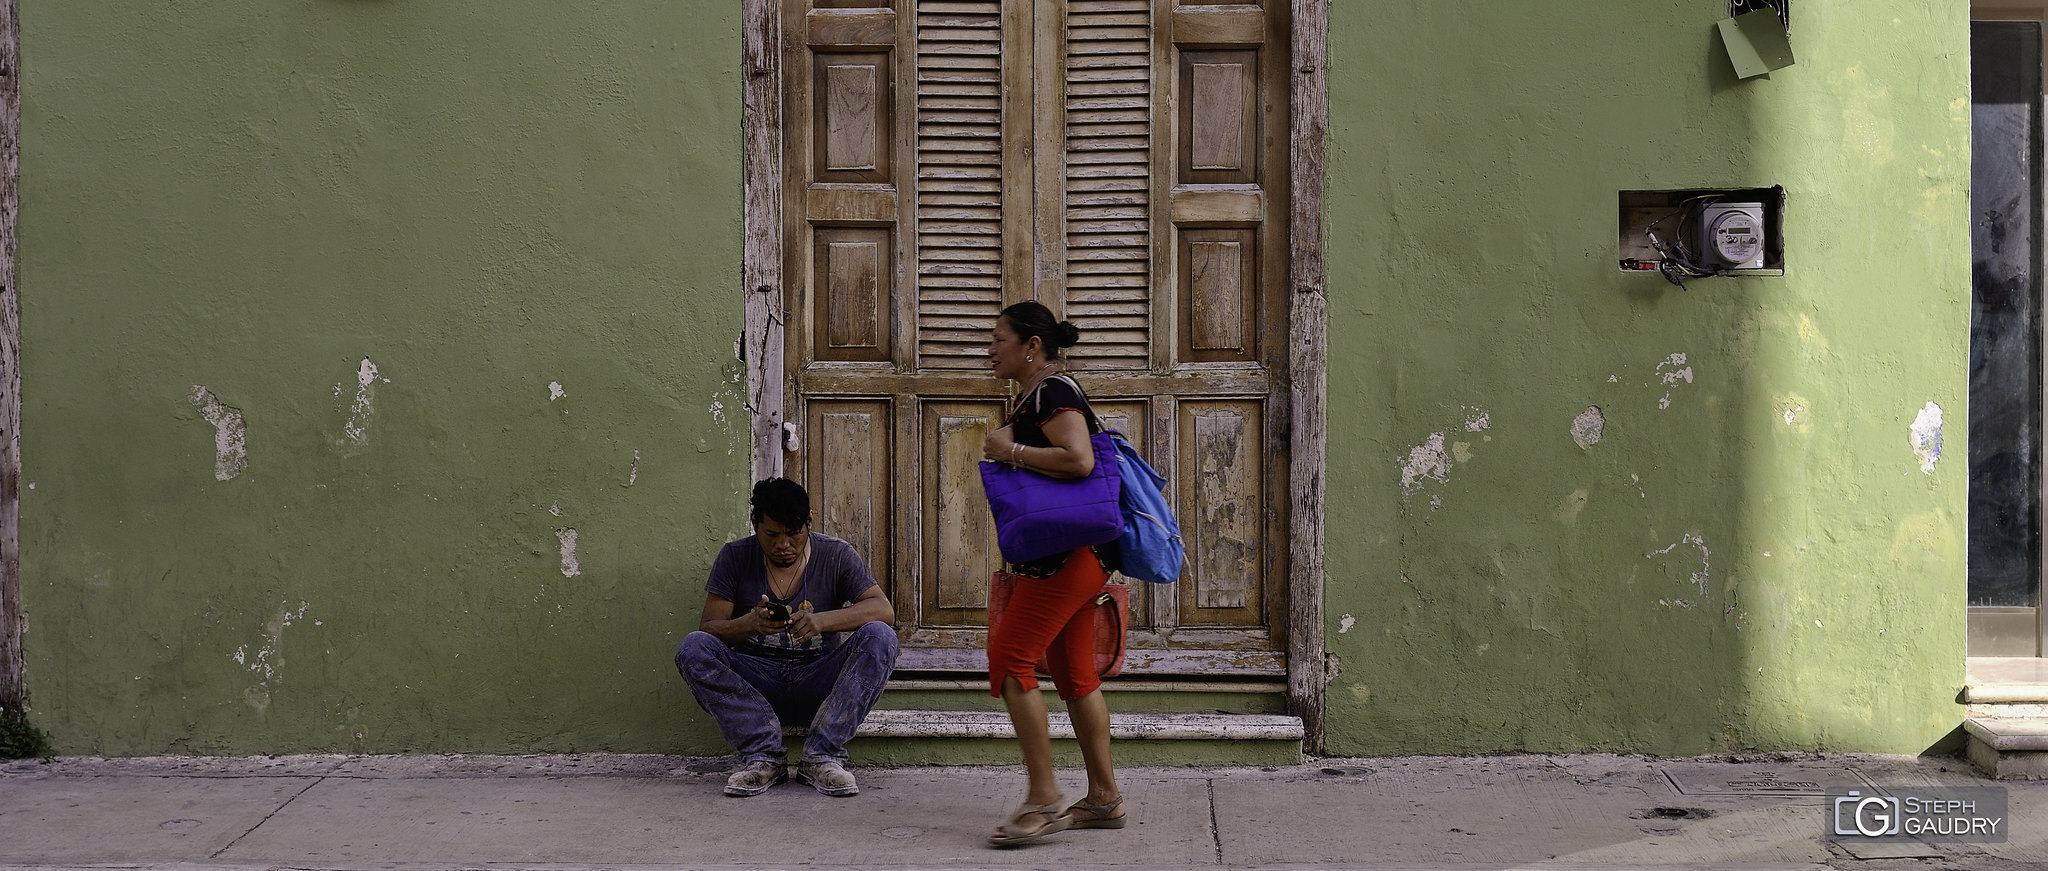 Scène de rue à Campeche [Klik om de diavoorstelling te starten]